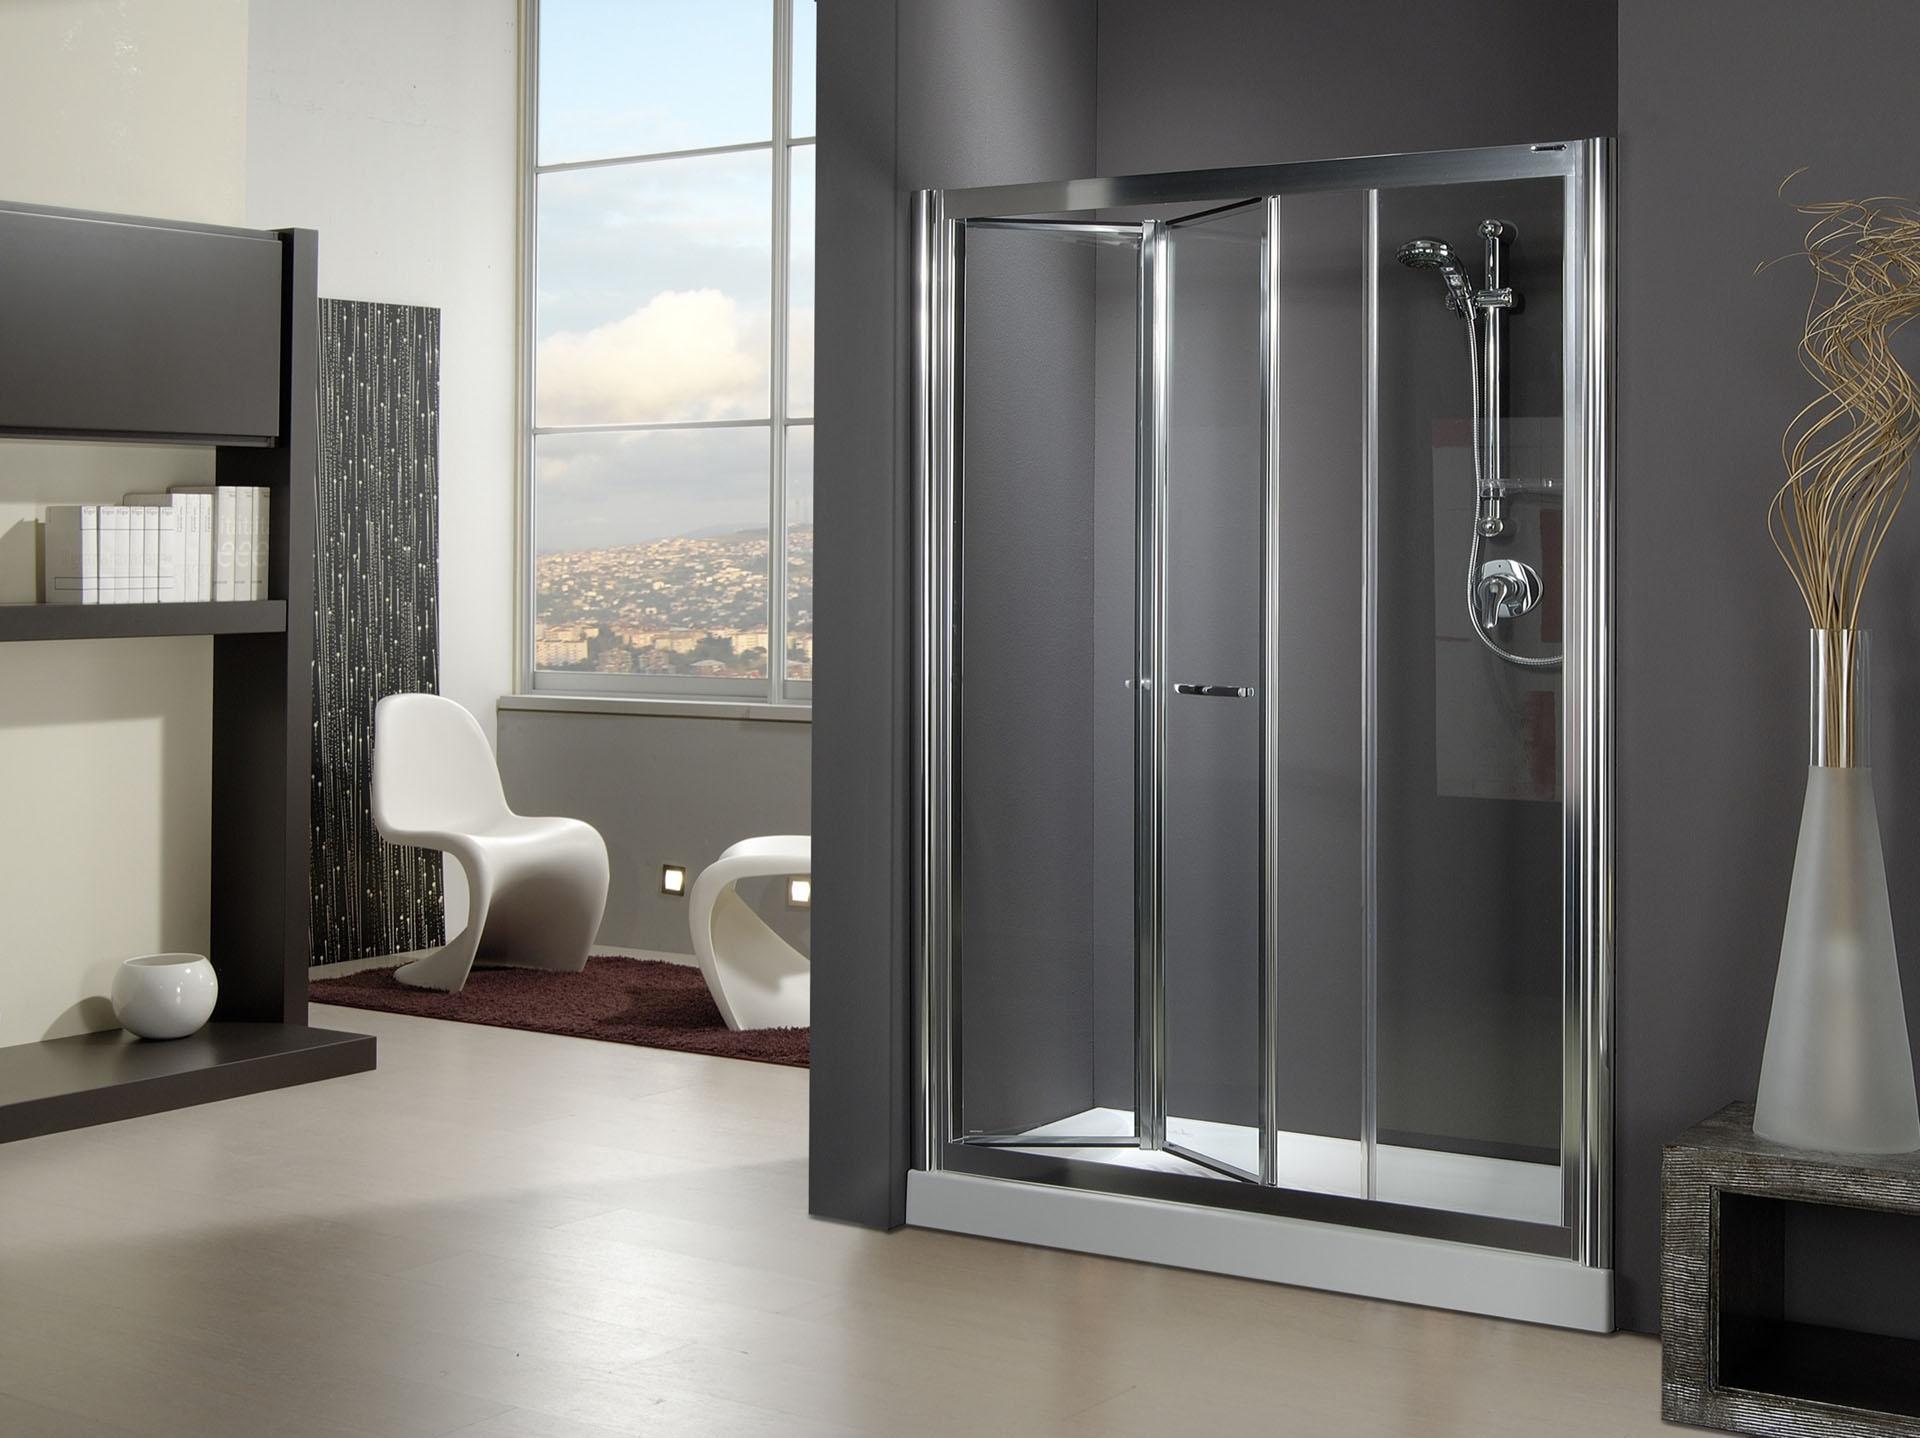 Pieghevole magnum bosisio box doccia - Porta doccia pieghevole ...